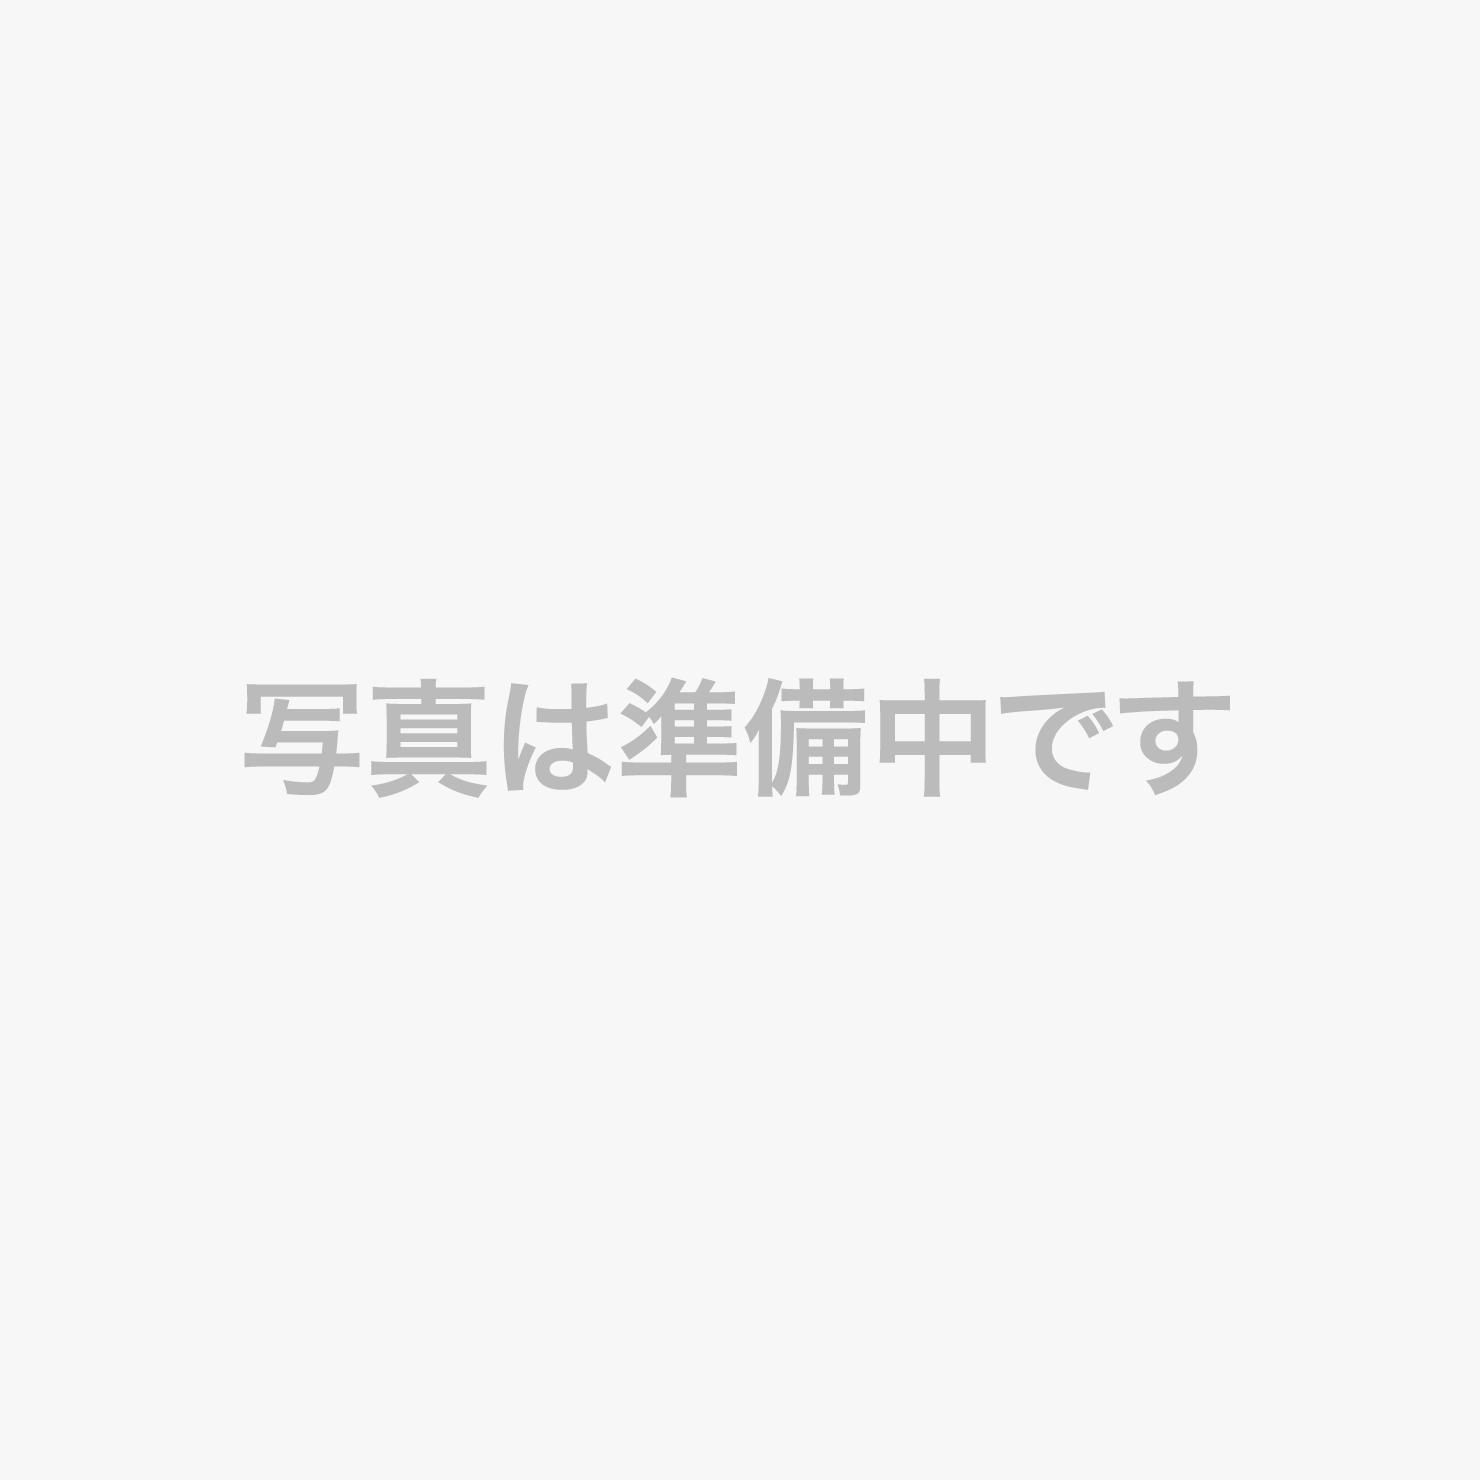 【暁の抄・和洋室】49平米/5名定員/客室露天風呂付(沸かし湯)/和室:8畳 2階から5階の客室にてご用意いたします。